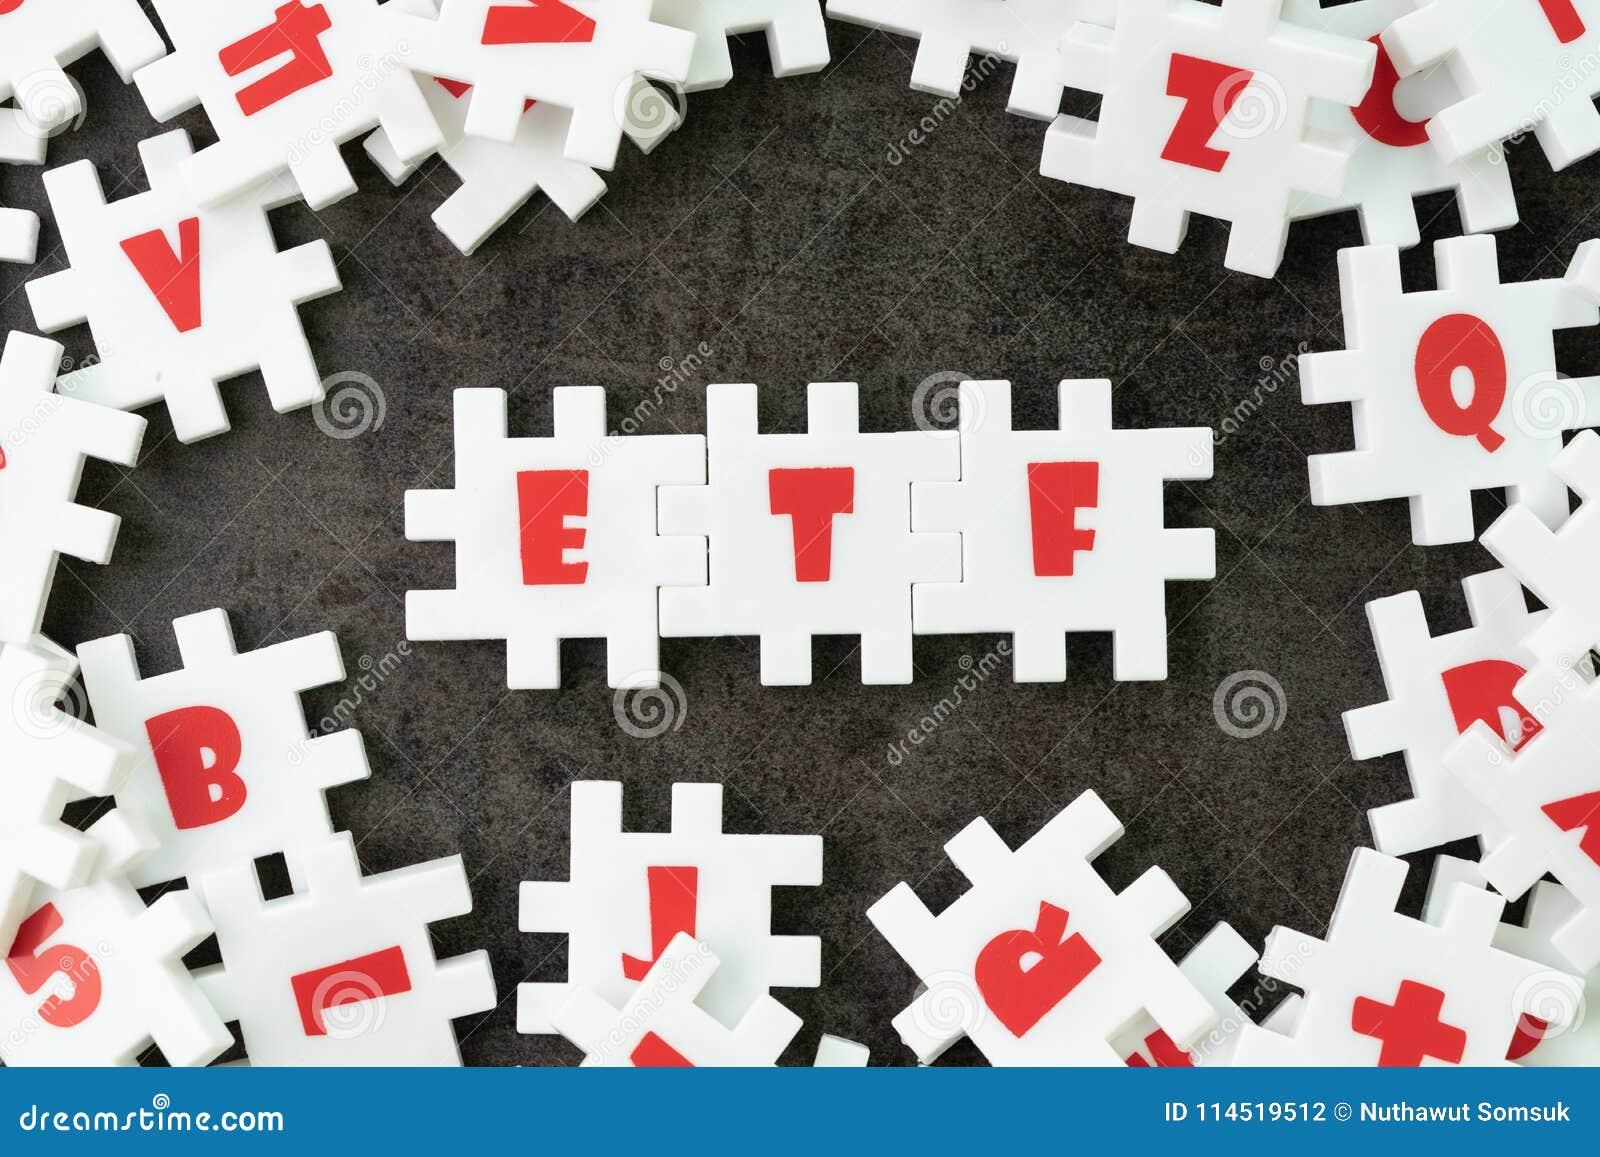 ETF, troca trocou o conceito do fundo, serra de vaivém branca do enigma com alph